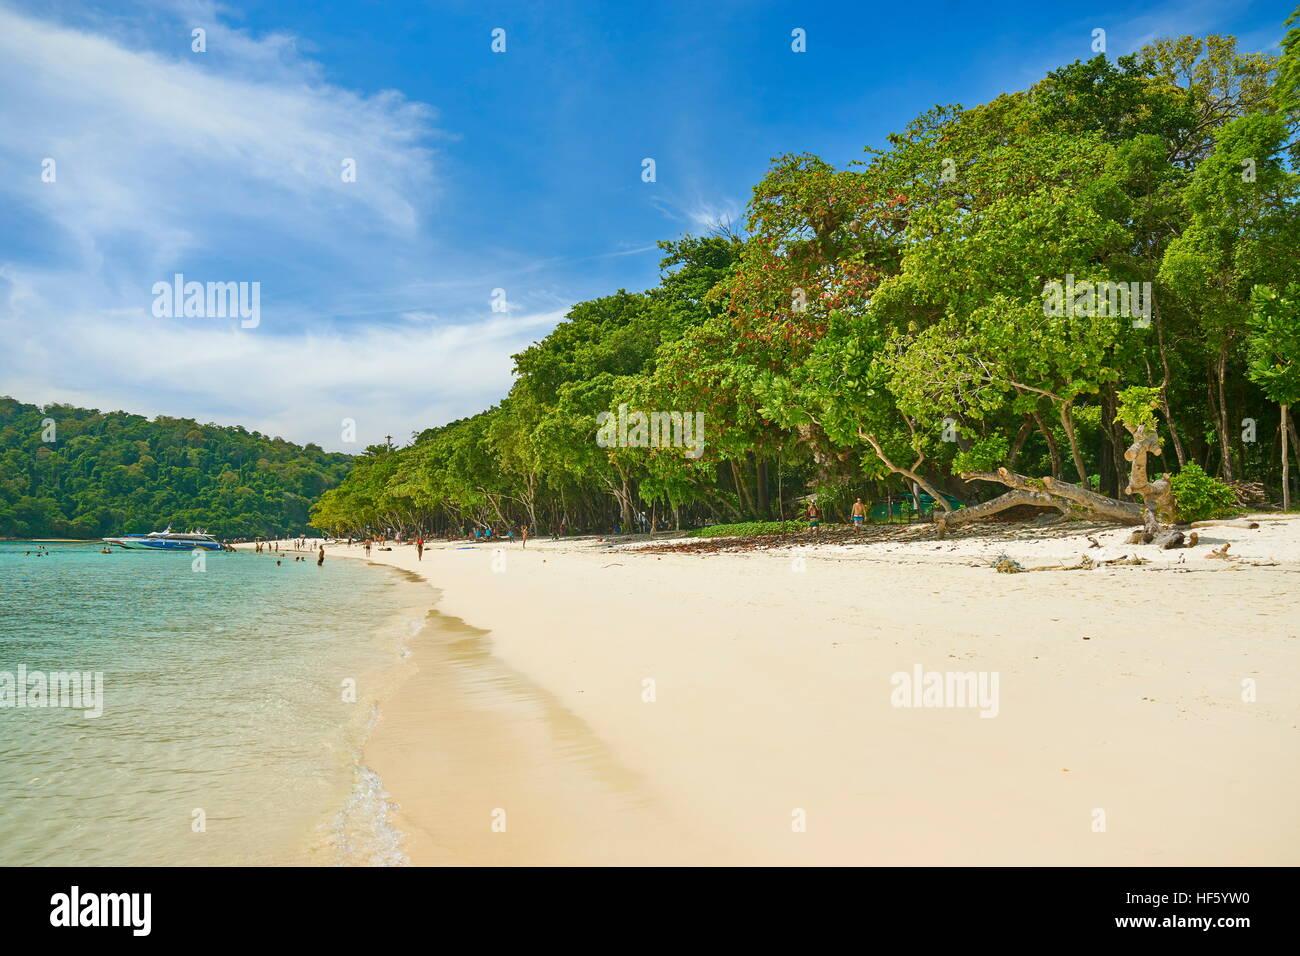 Plage de Koh Rok), province de Krabi, Thaïlande Photo Stock